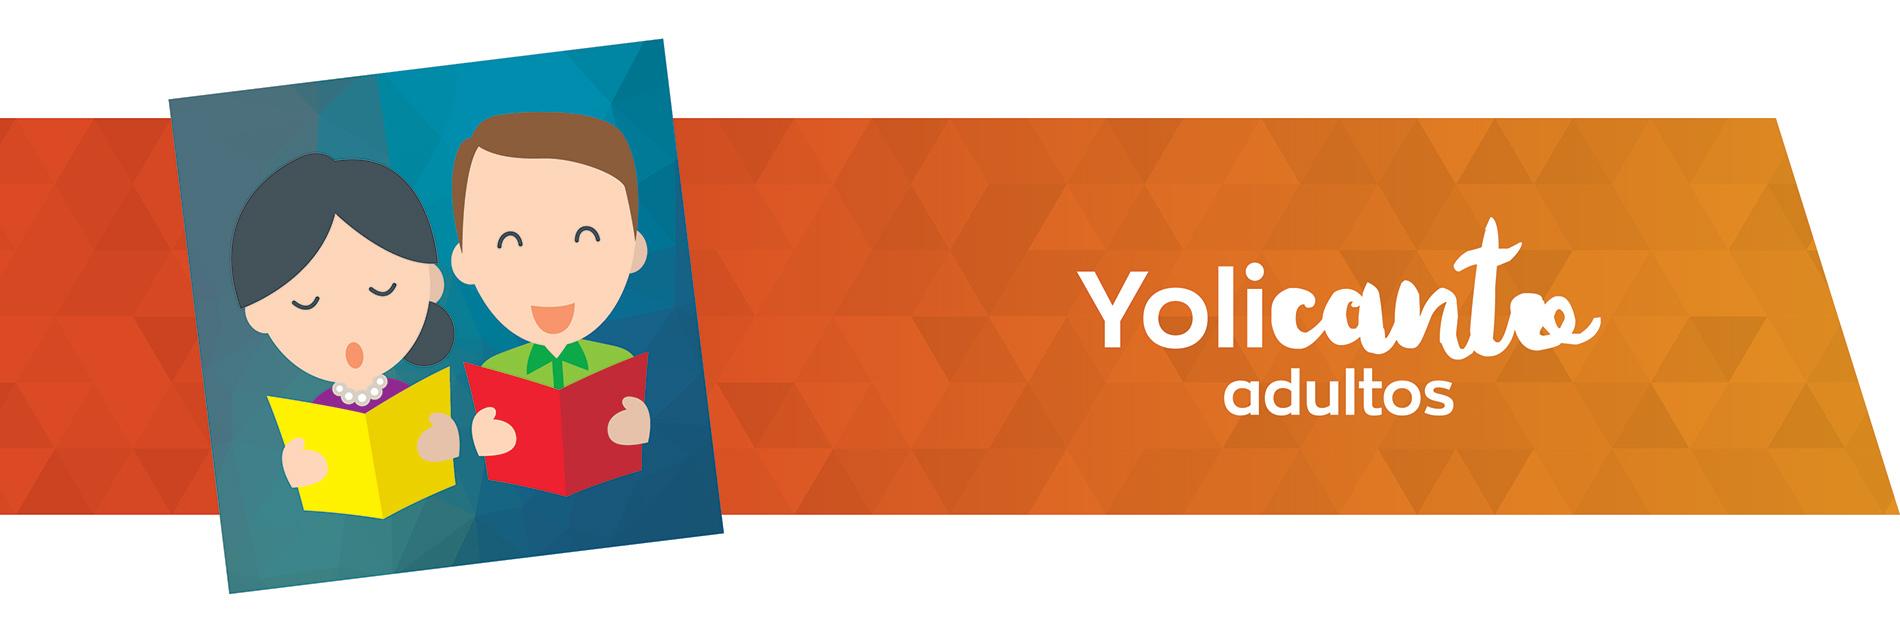 TOP-YolicantoAdult